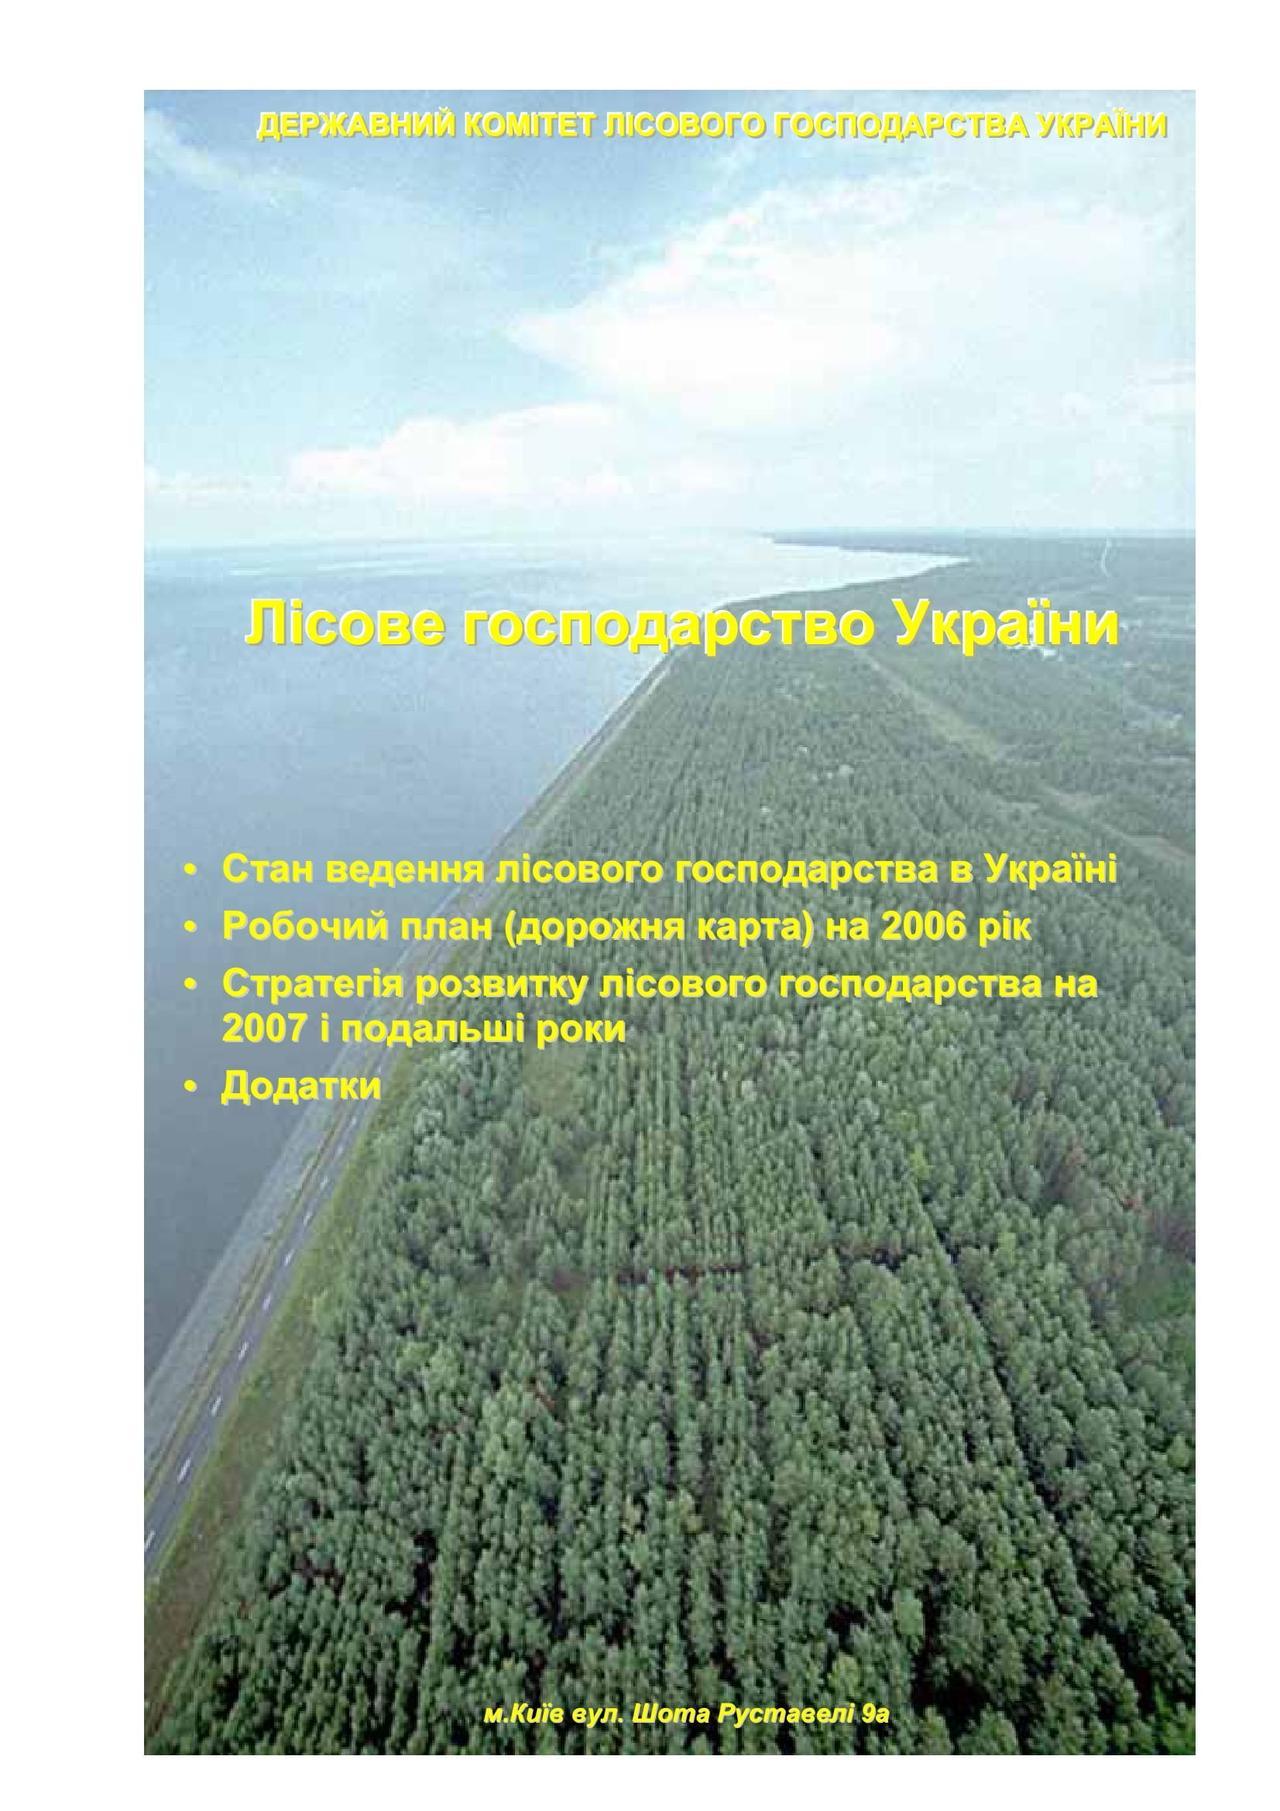 Госкомлесхоз: Дорожная карта (2006) и стратегия развития лесного хозяйства (2007 и далее)